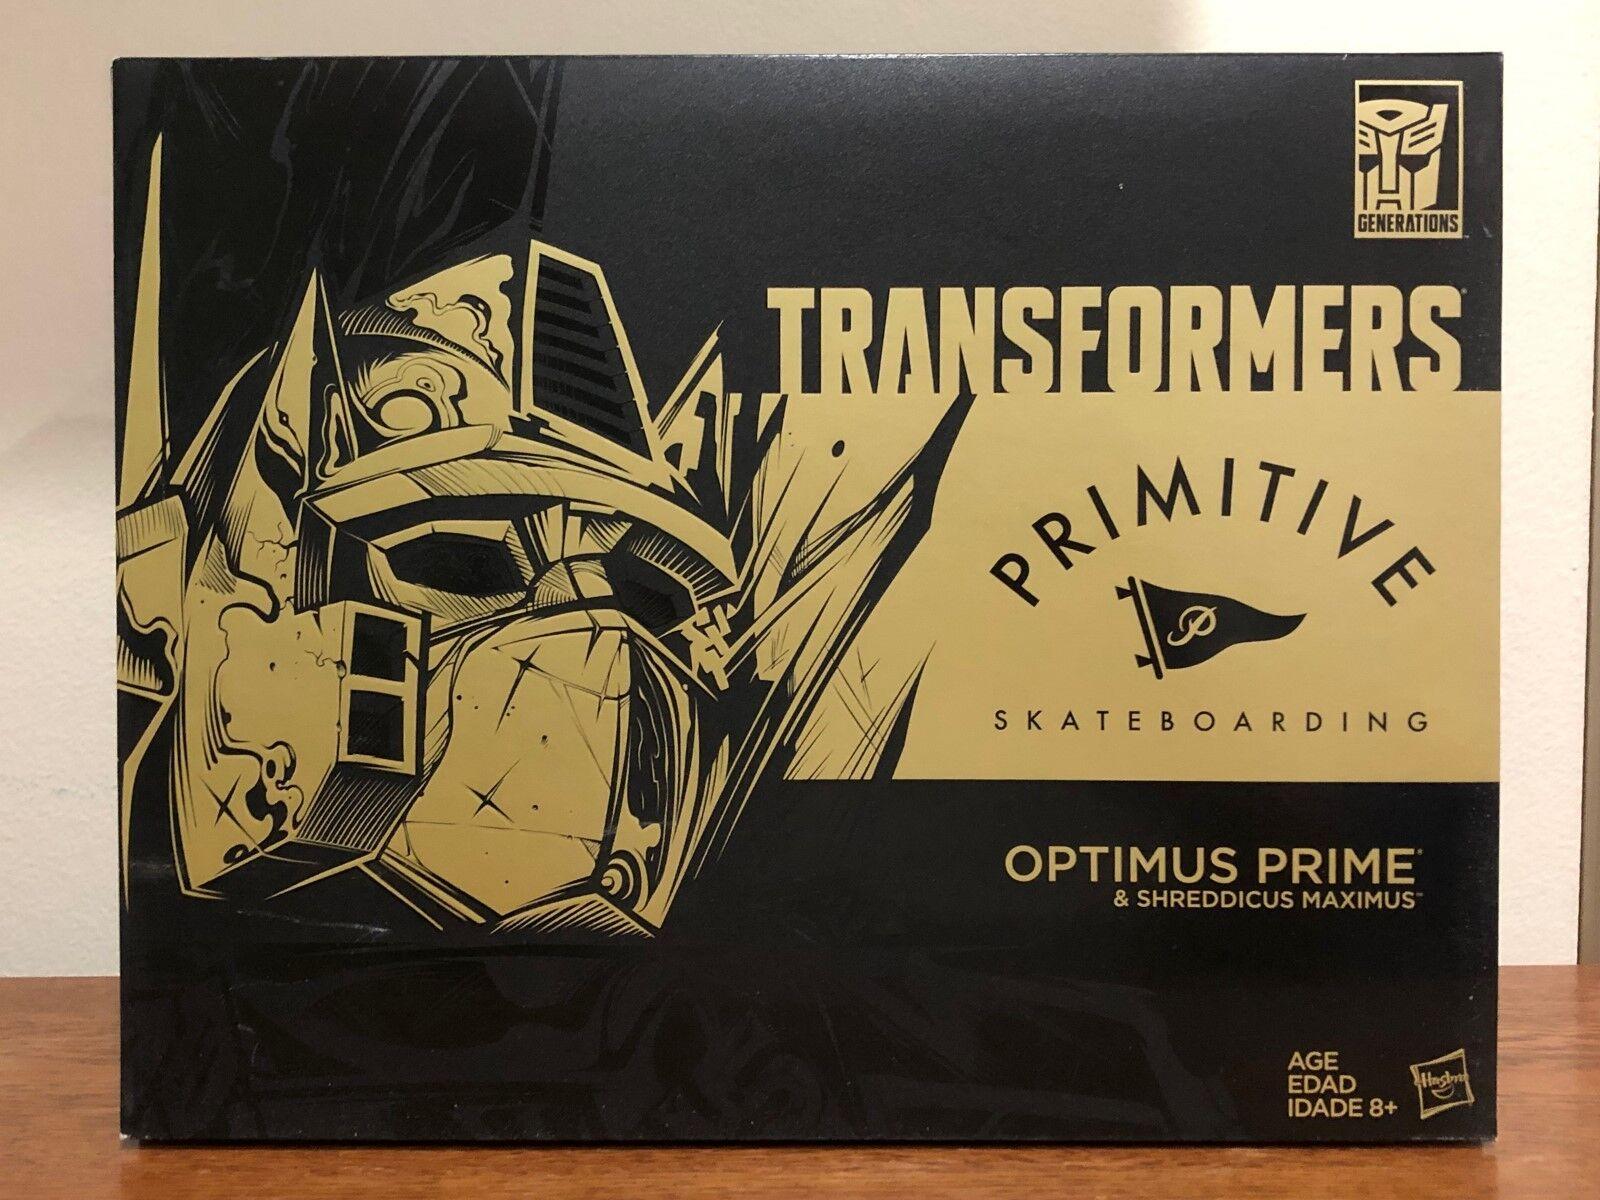 Hasbro SDCC 2017 Transformers Generations OPTIMUS PRIME & SHROTDICUS MAXIMUS